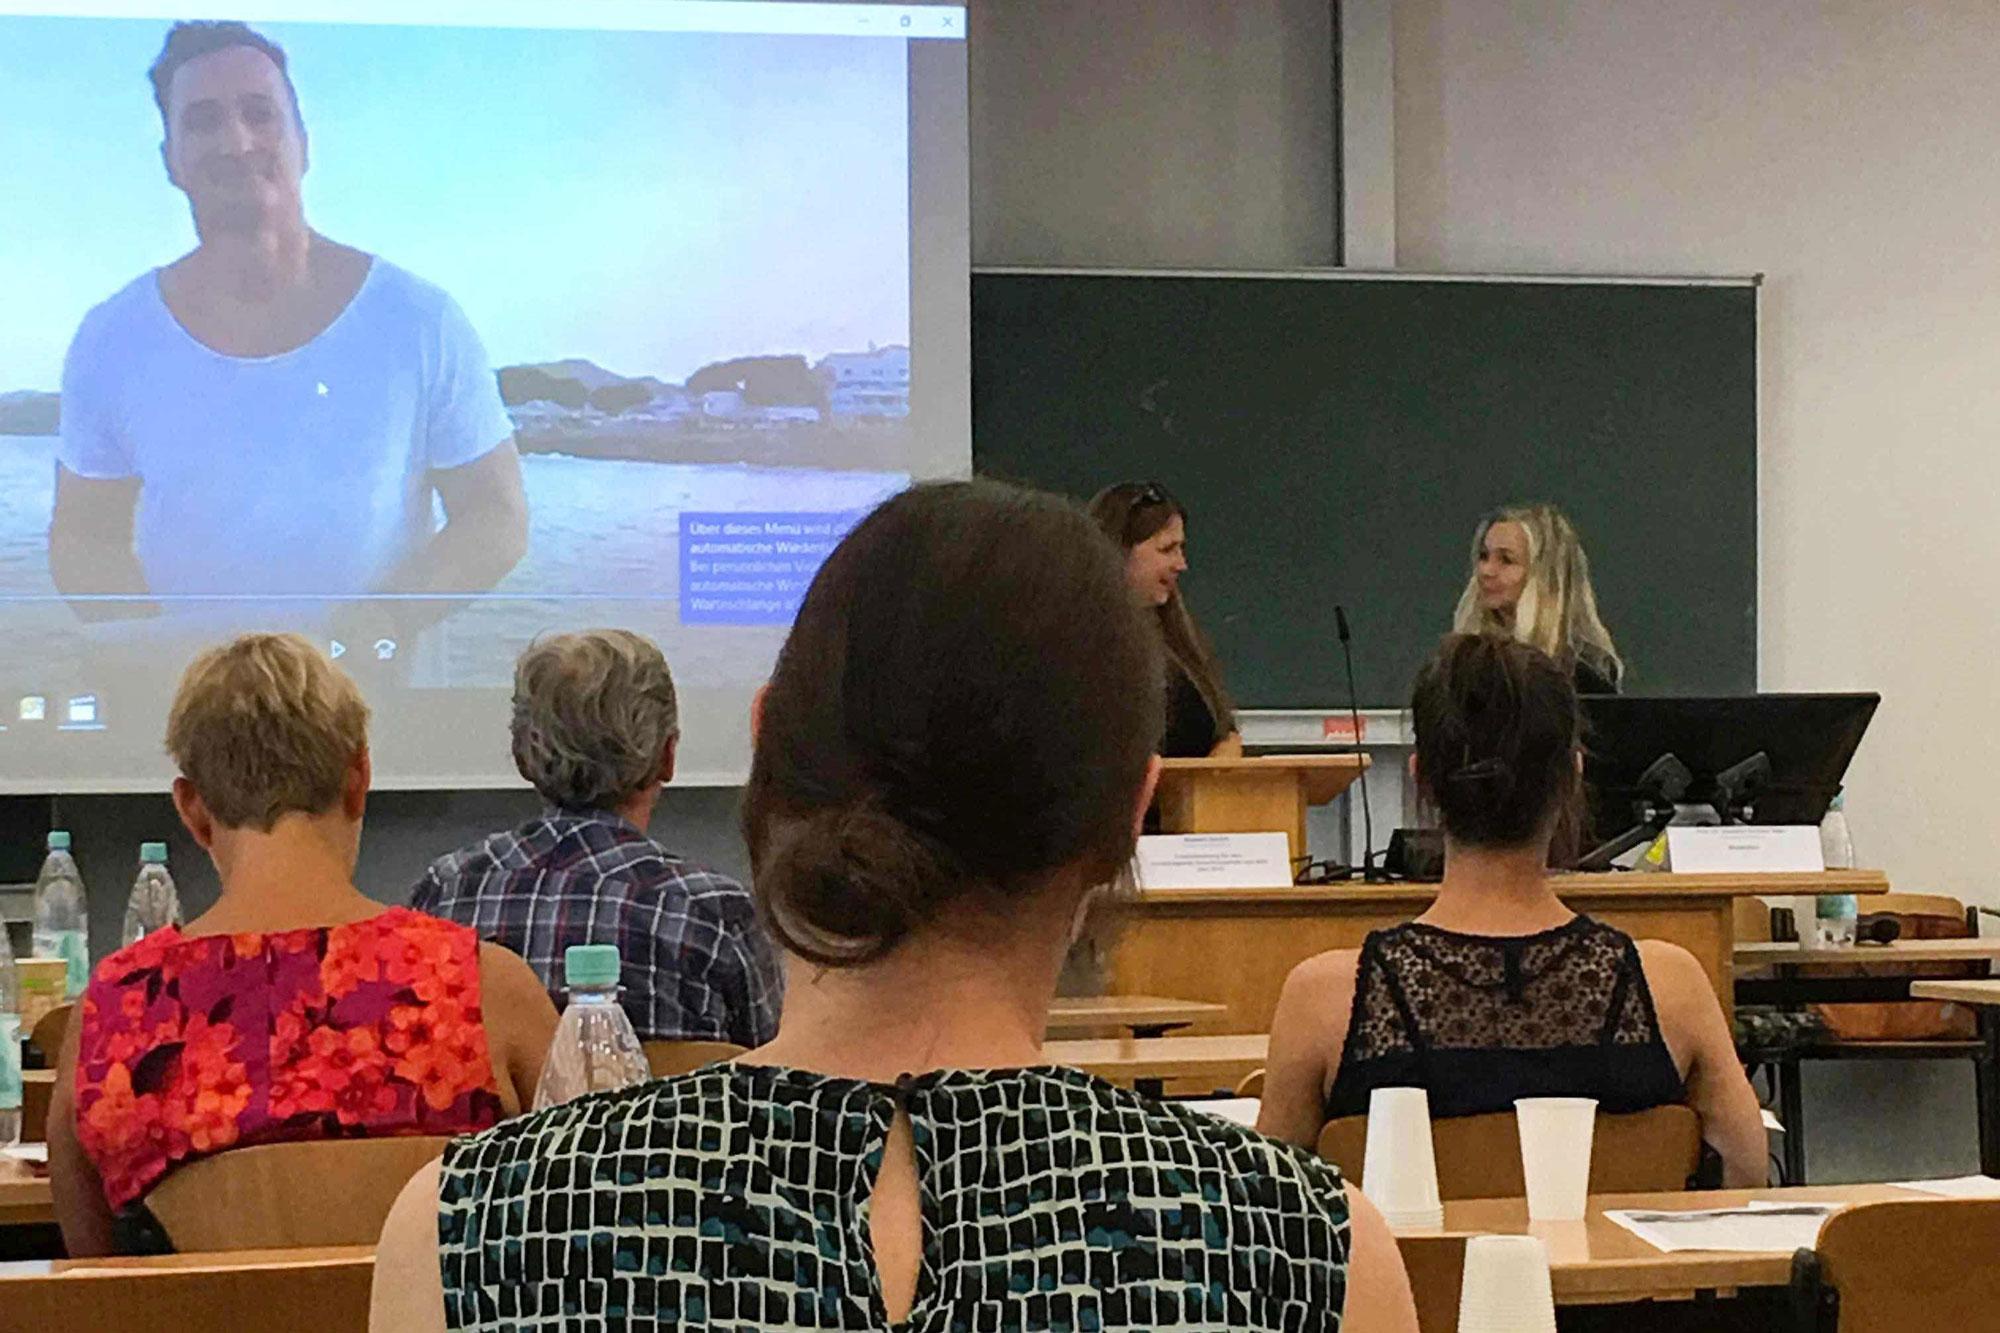 Der per Video zugeschaltete Preisträger Thomas Kwasniewski. (Foto: Hochschule Niederrhein)